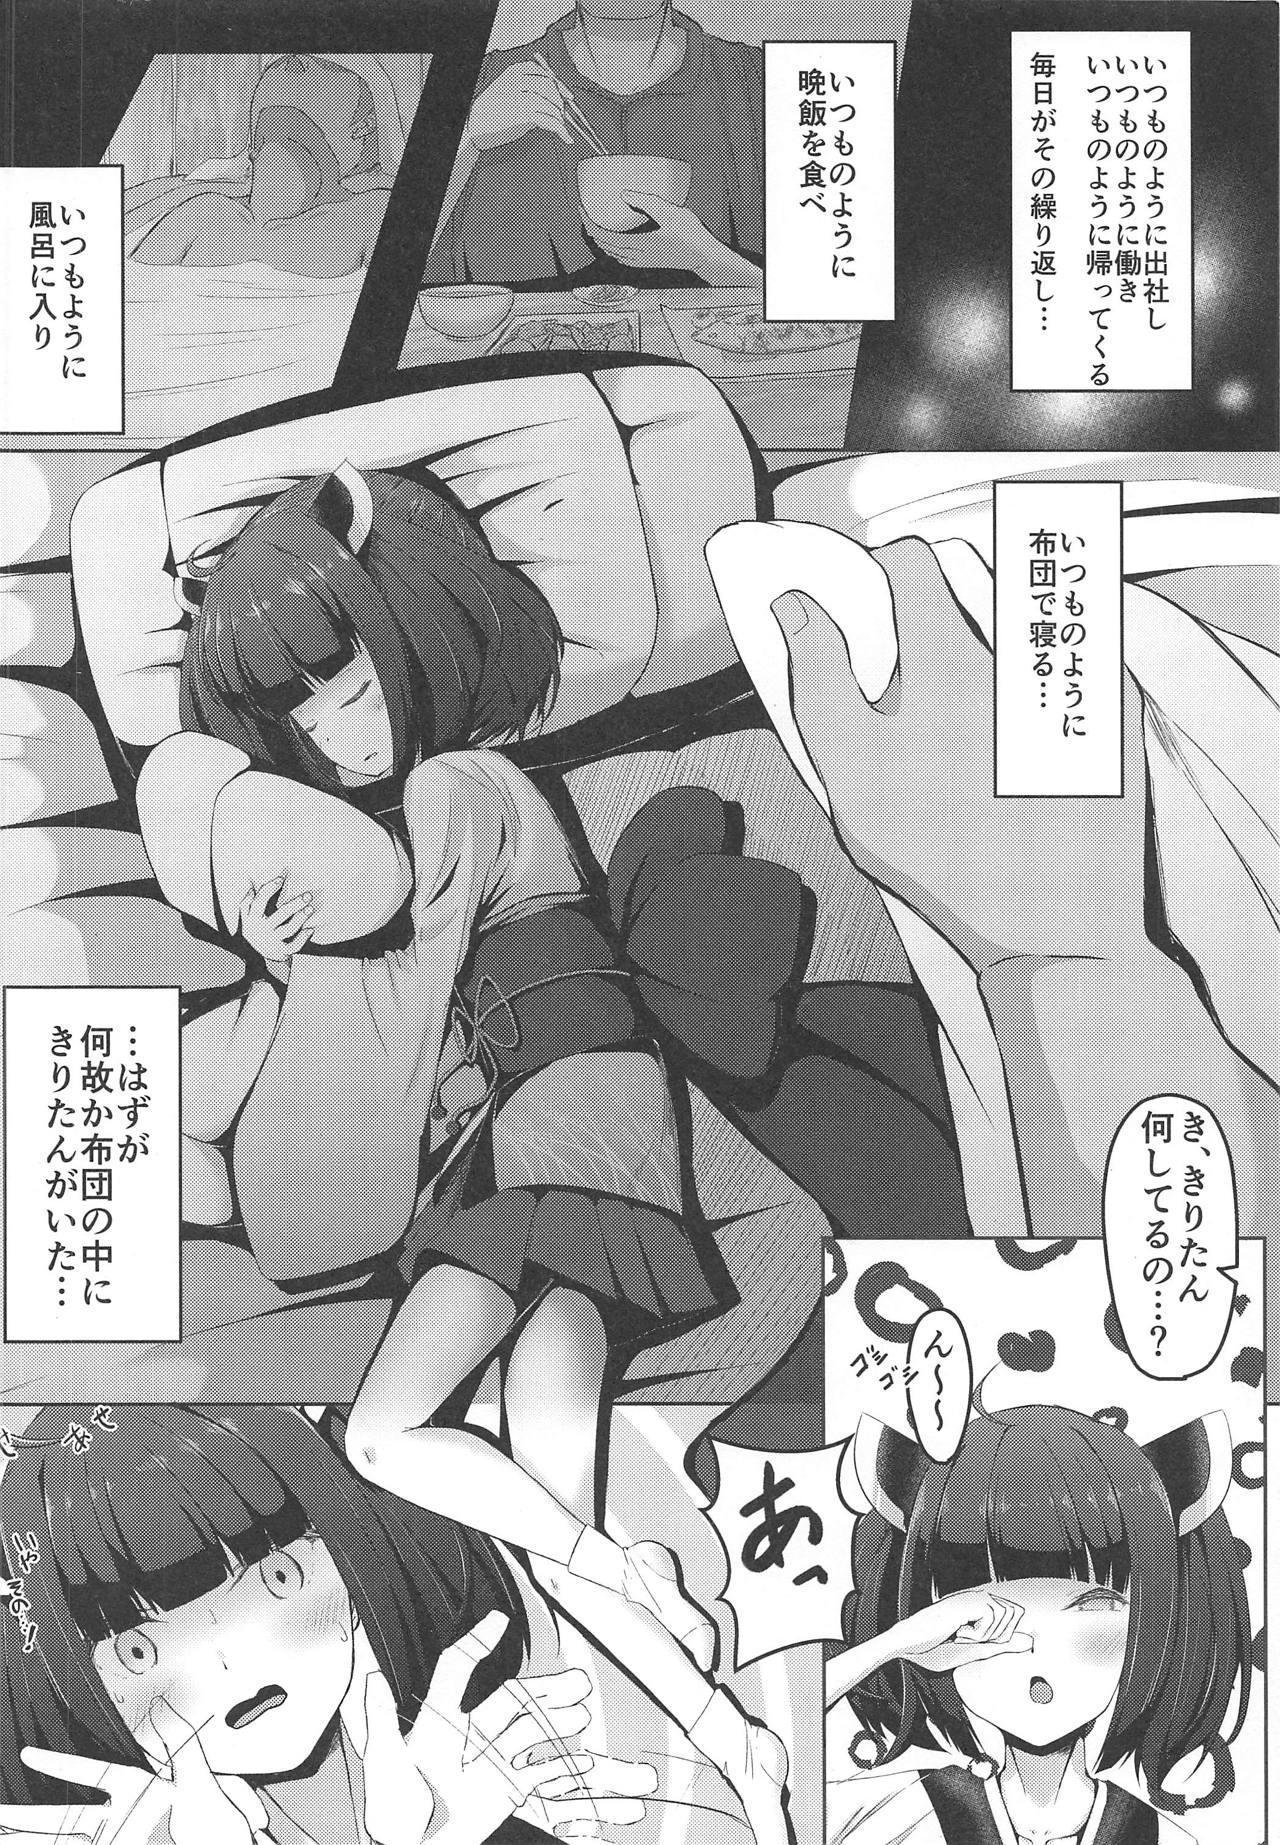 Itsumo no Naka ni Aru Nichijou 2